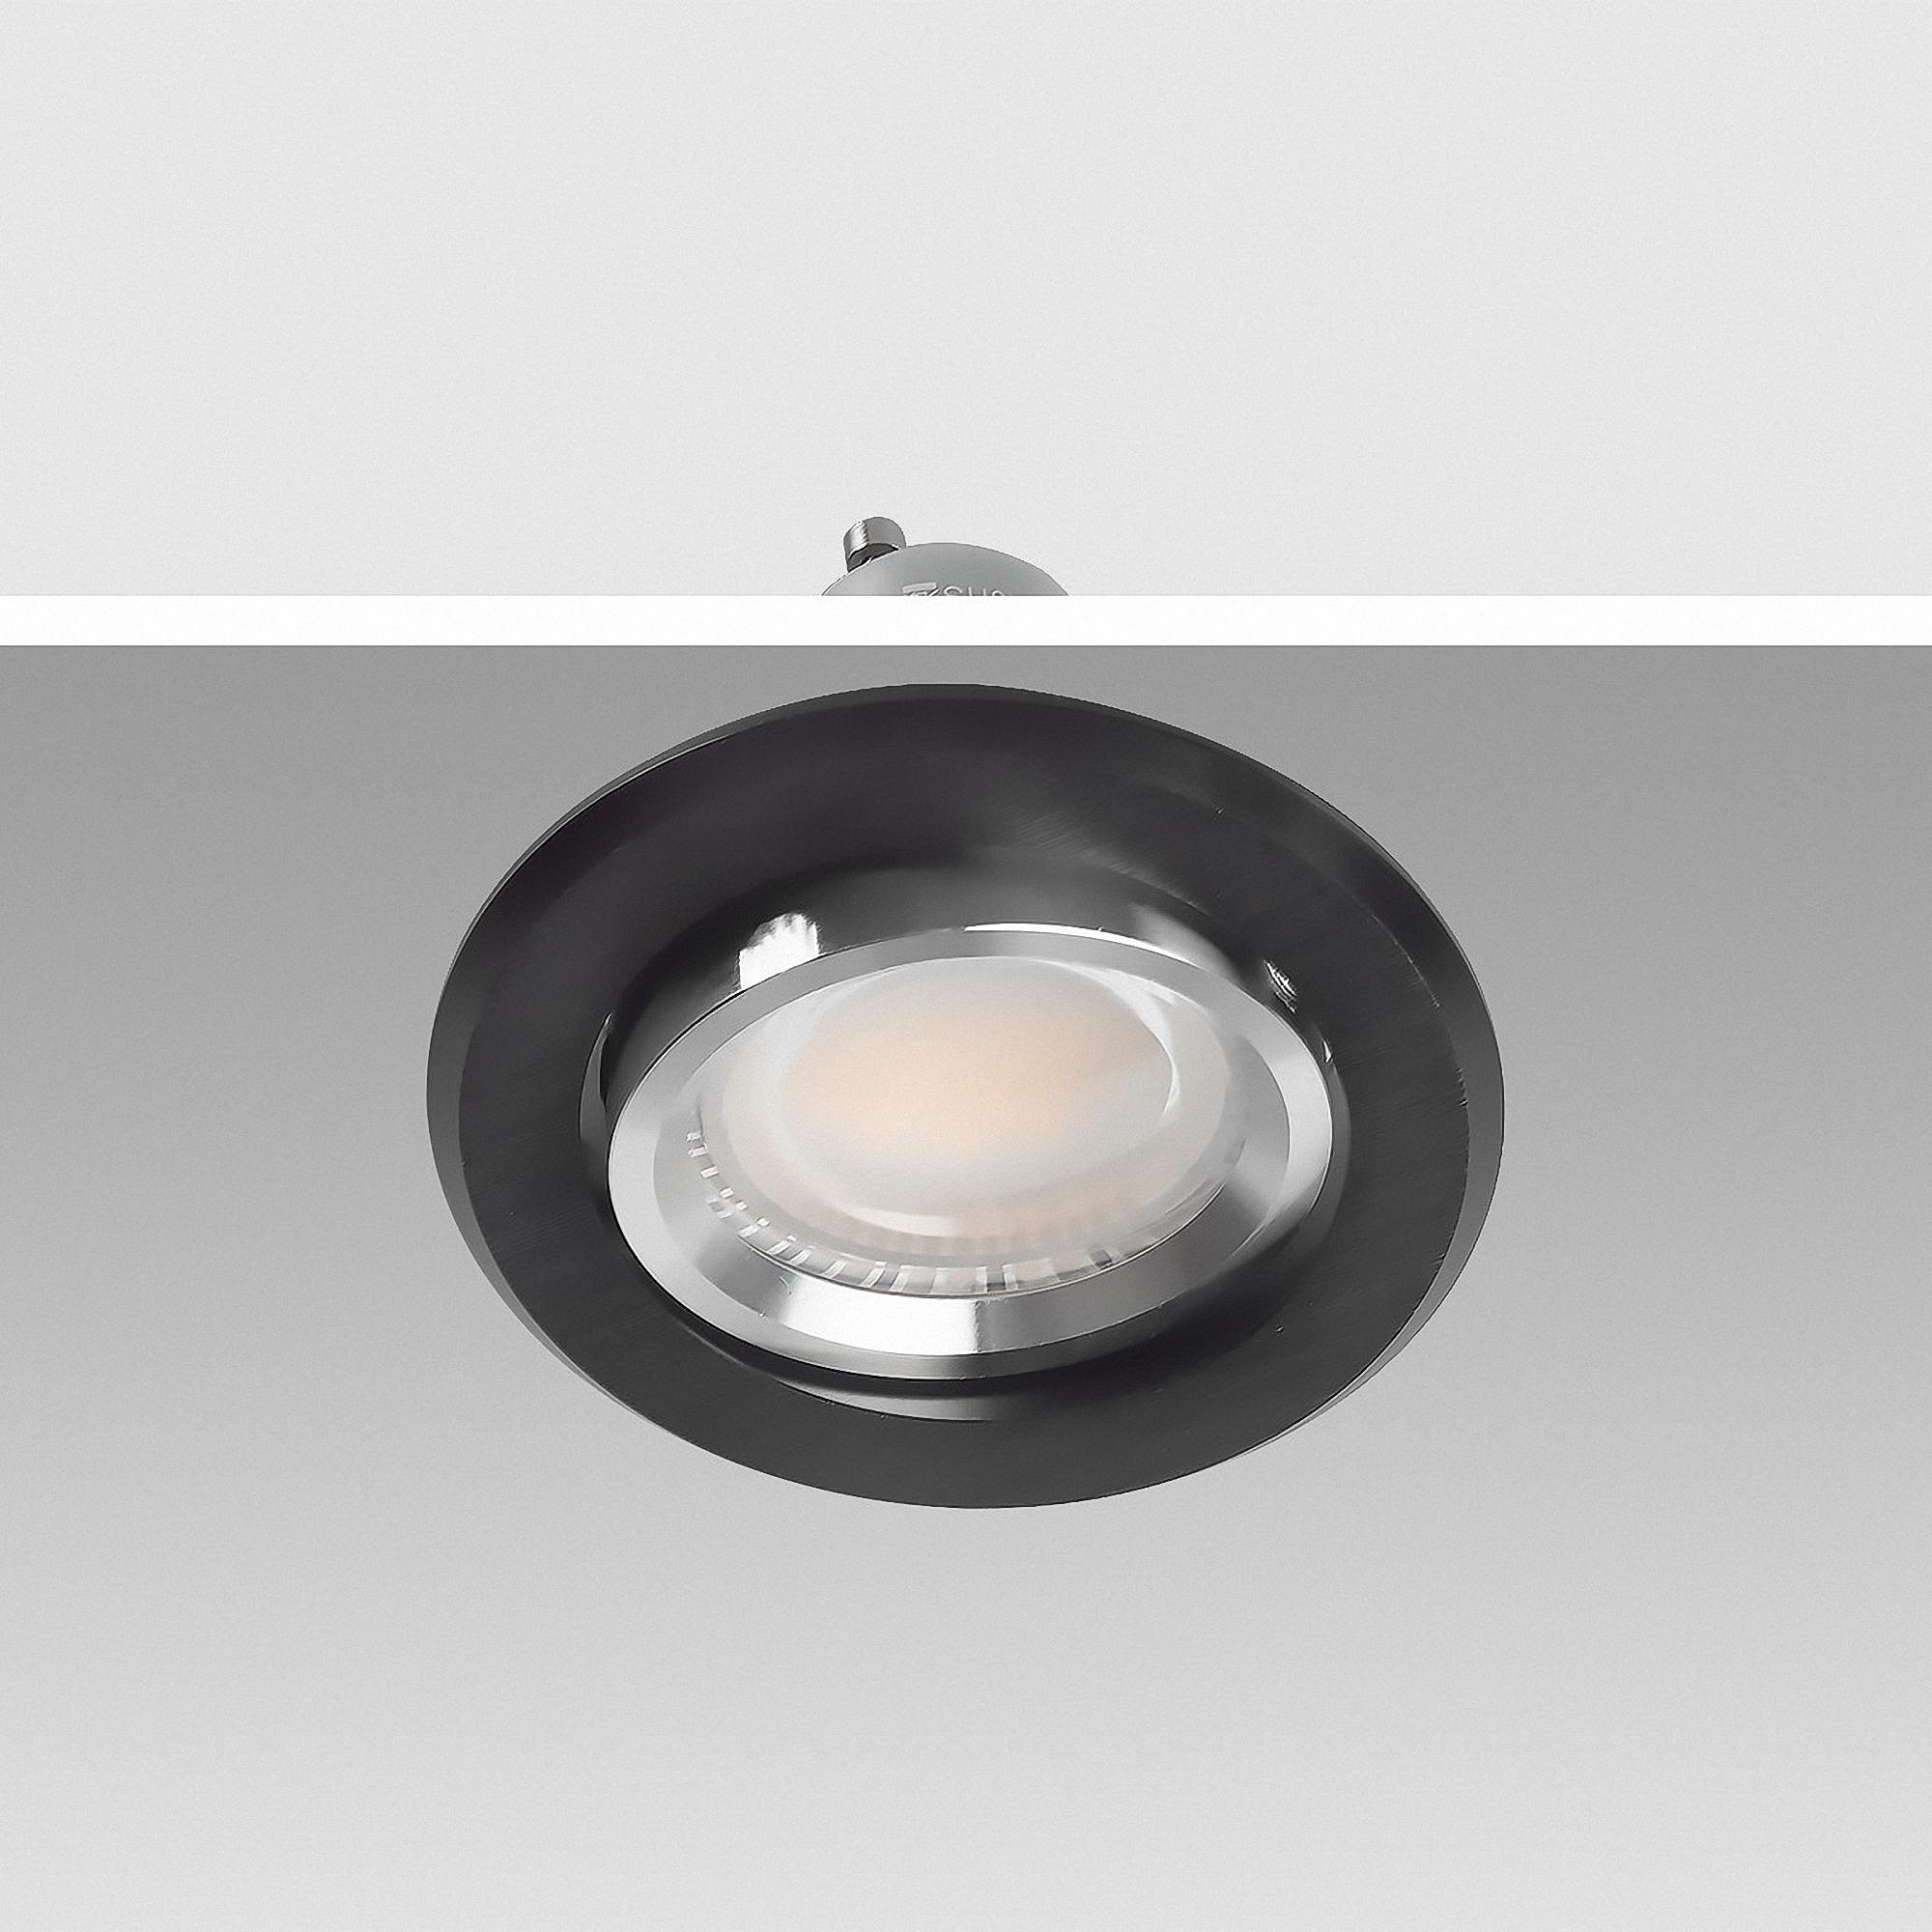 led 6w 6500k wei einbauleuchte gu10 16302 5 67mm. Black Bedroom Furniture Sets. Home Design Ideas